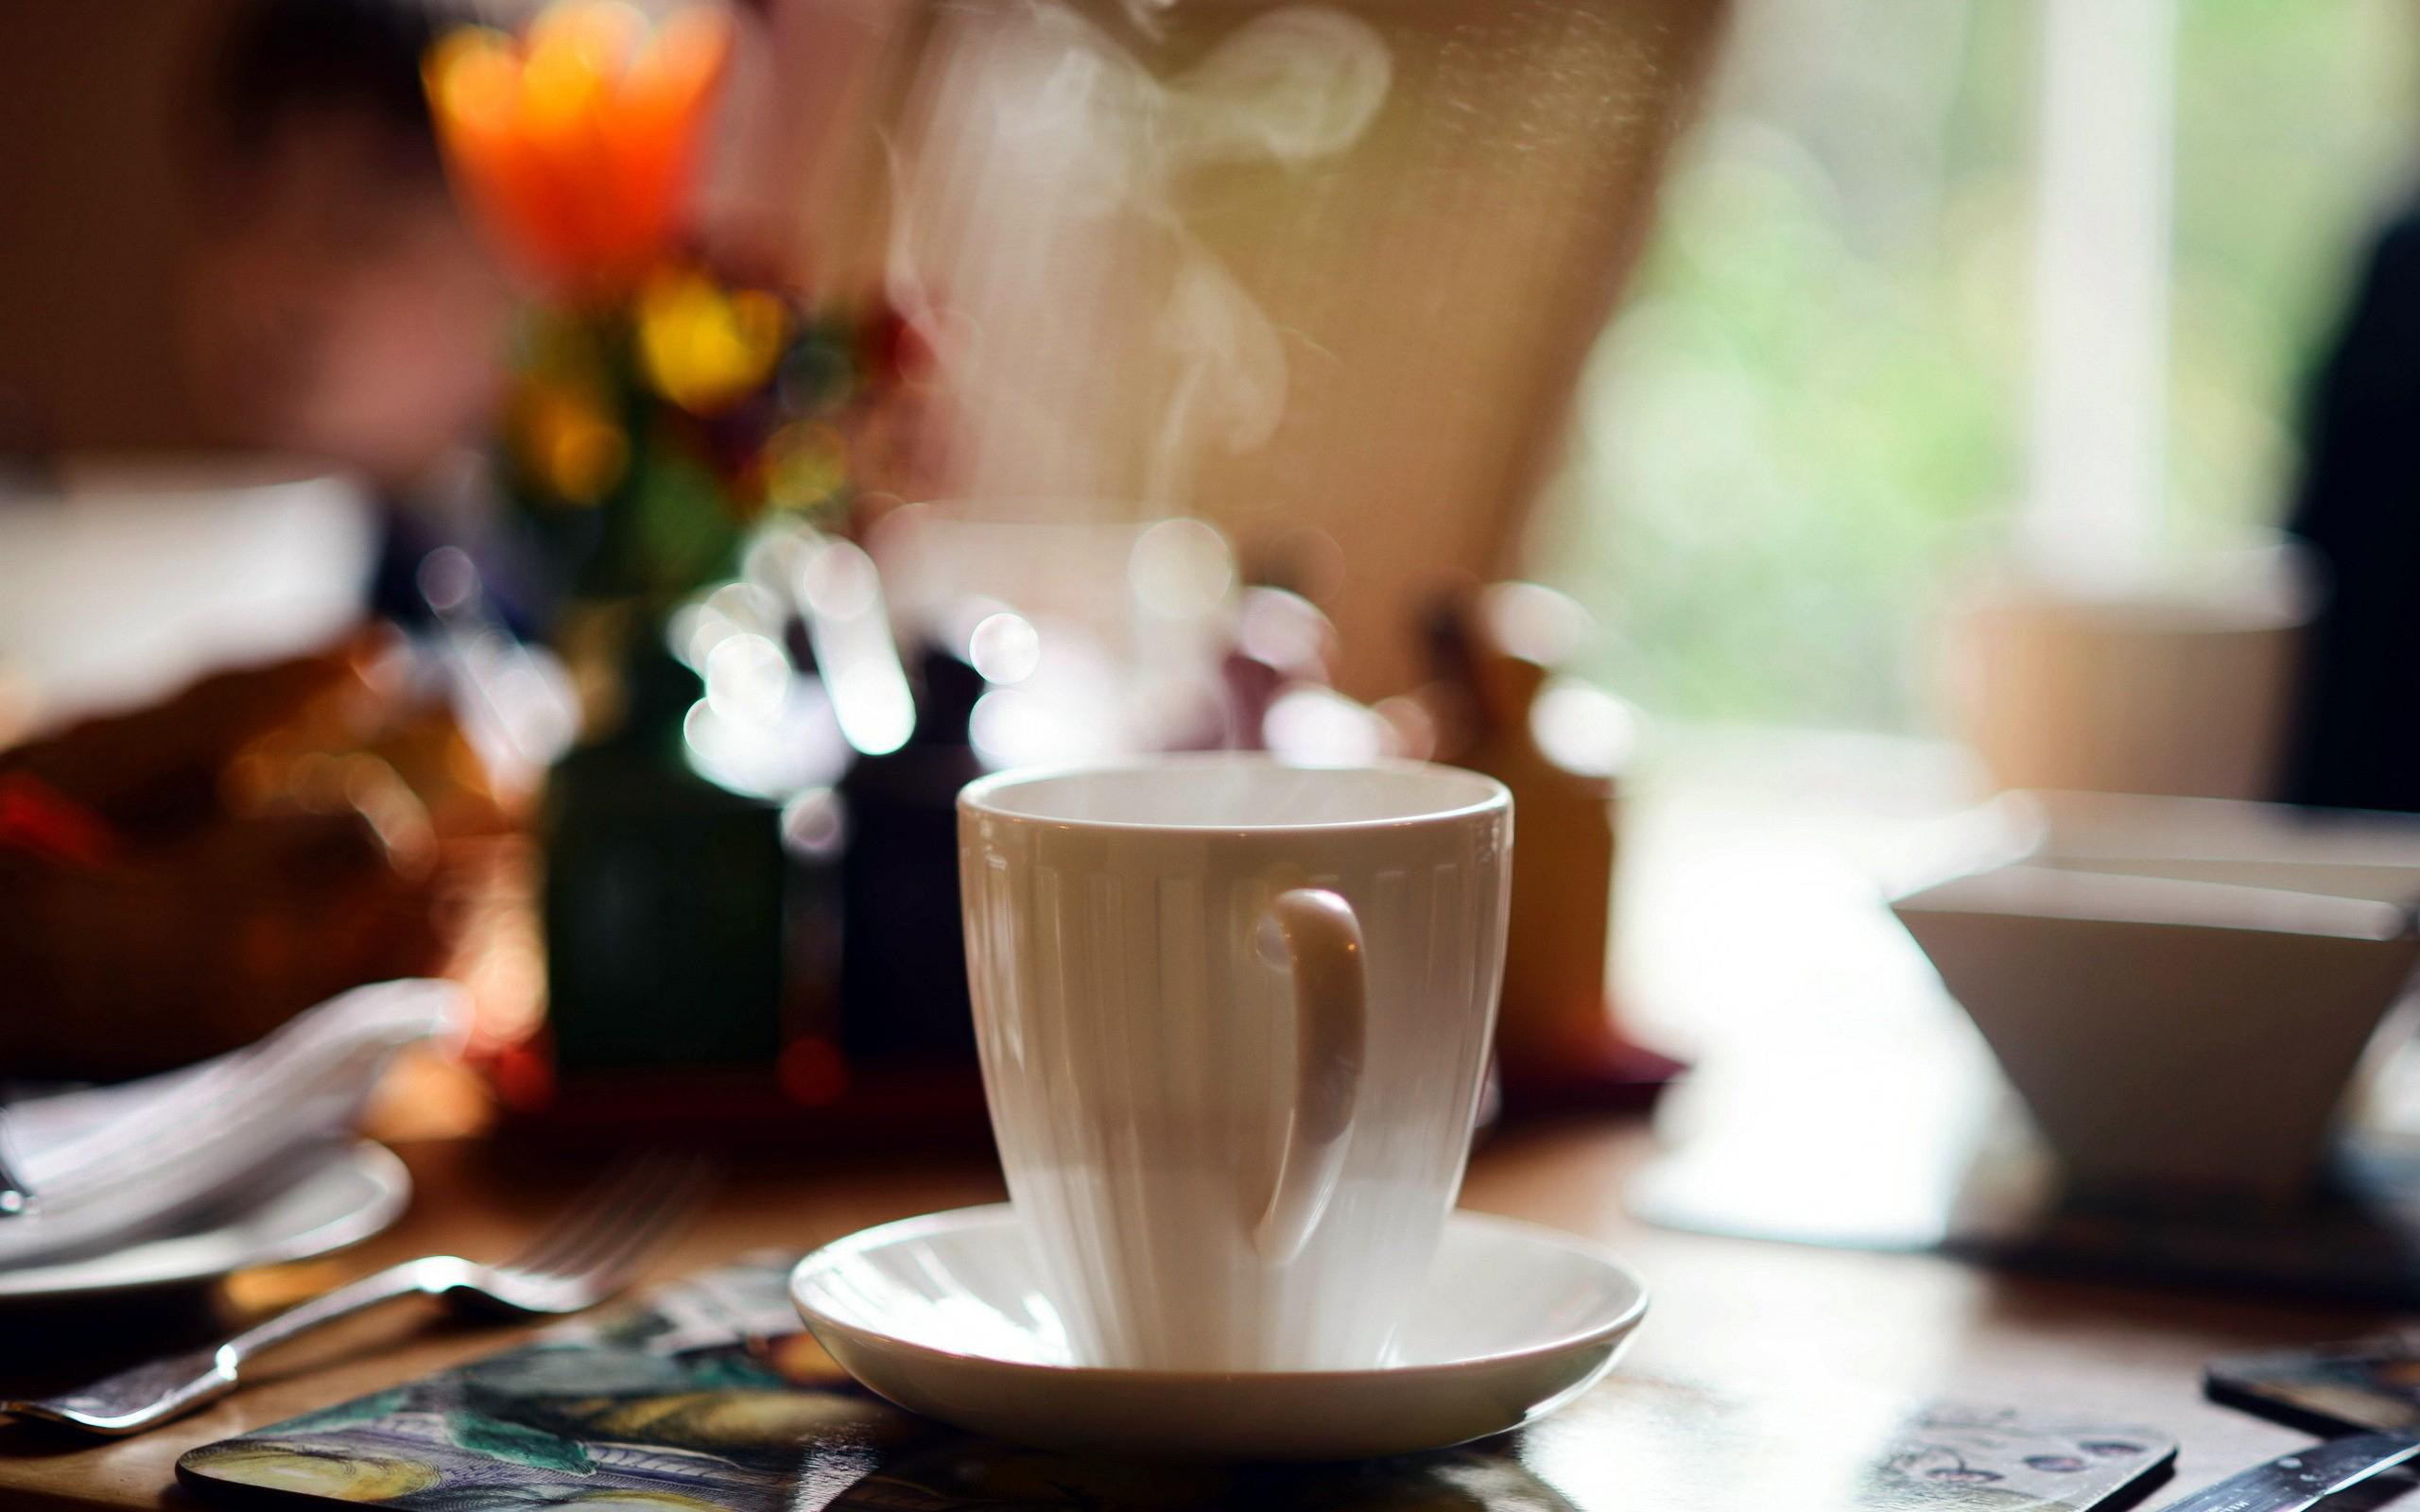 красотка, окно, сидит, кофе скачать